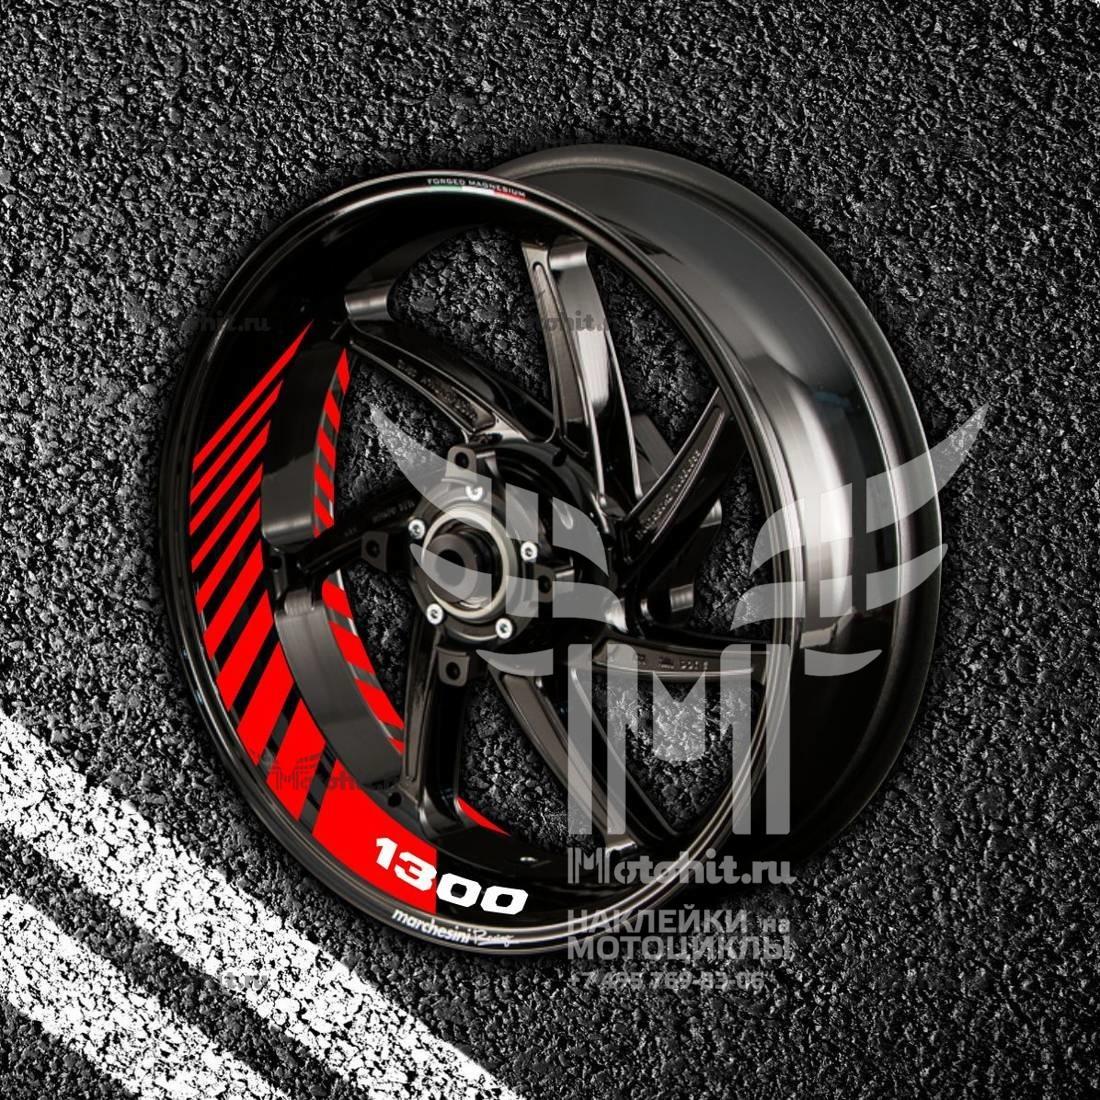 Комплект наклеек с полосами на колеса мотоцикла HONDA 1300